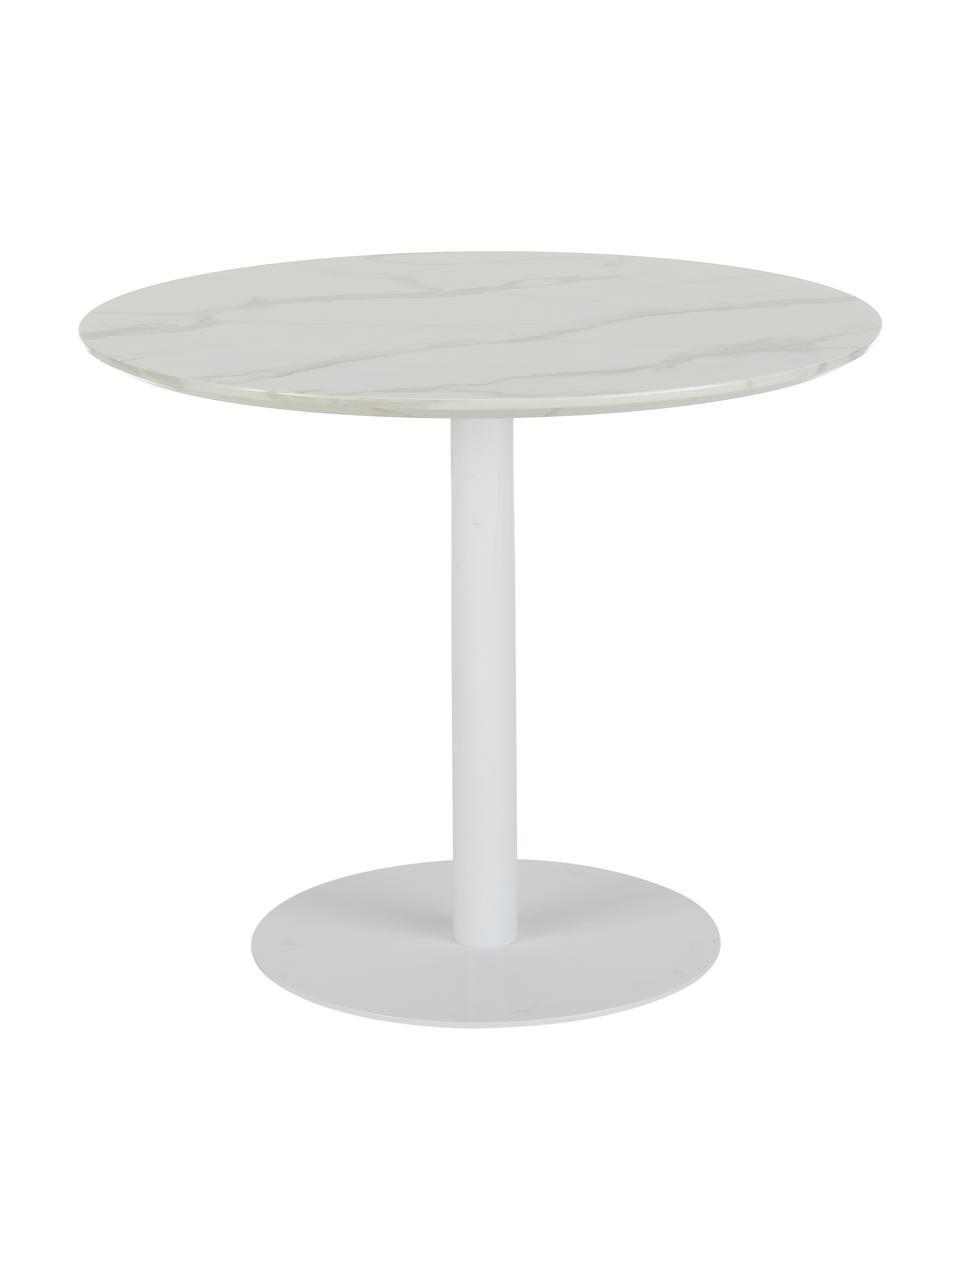 Ronde eettafel Karla in marmerlook, Ø 90 cm, Tafelblad: MDF, bedekt met gelakt pa, Tafelblad: wit, gemarmerd. Tafelpoot: mat wit, Ø 90 x H 75 cm